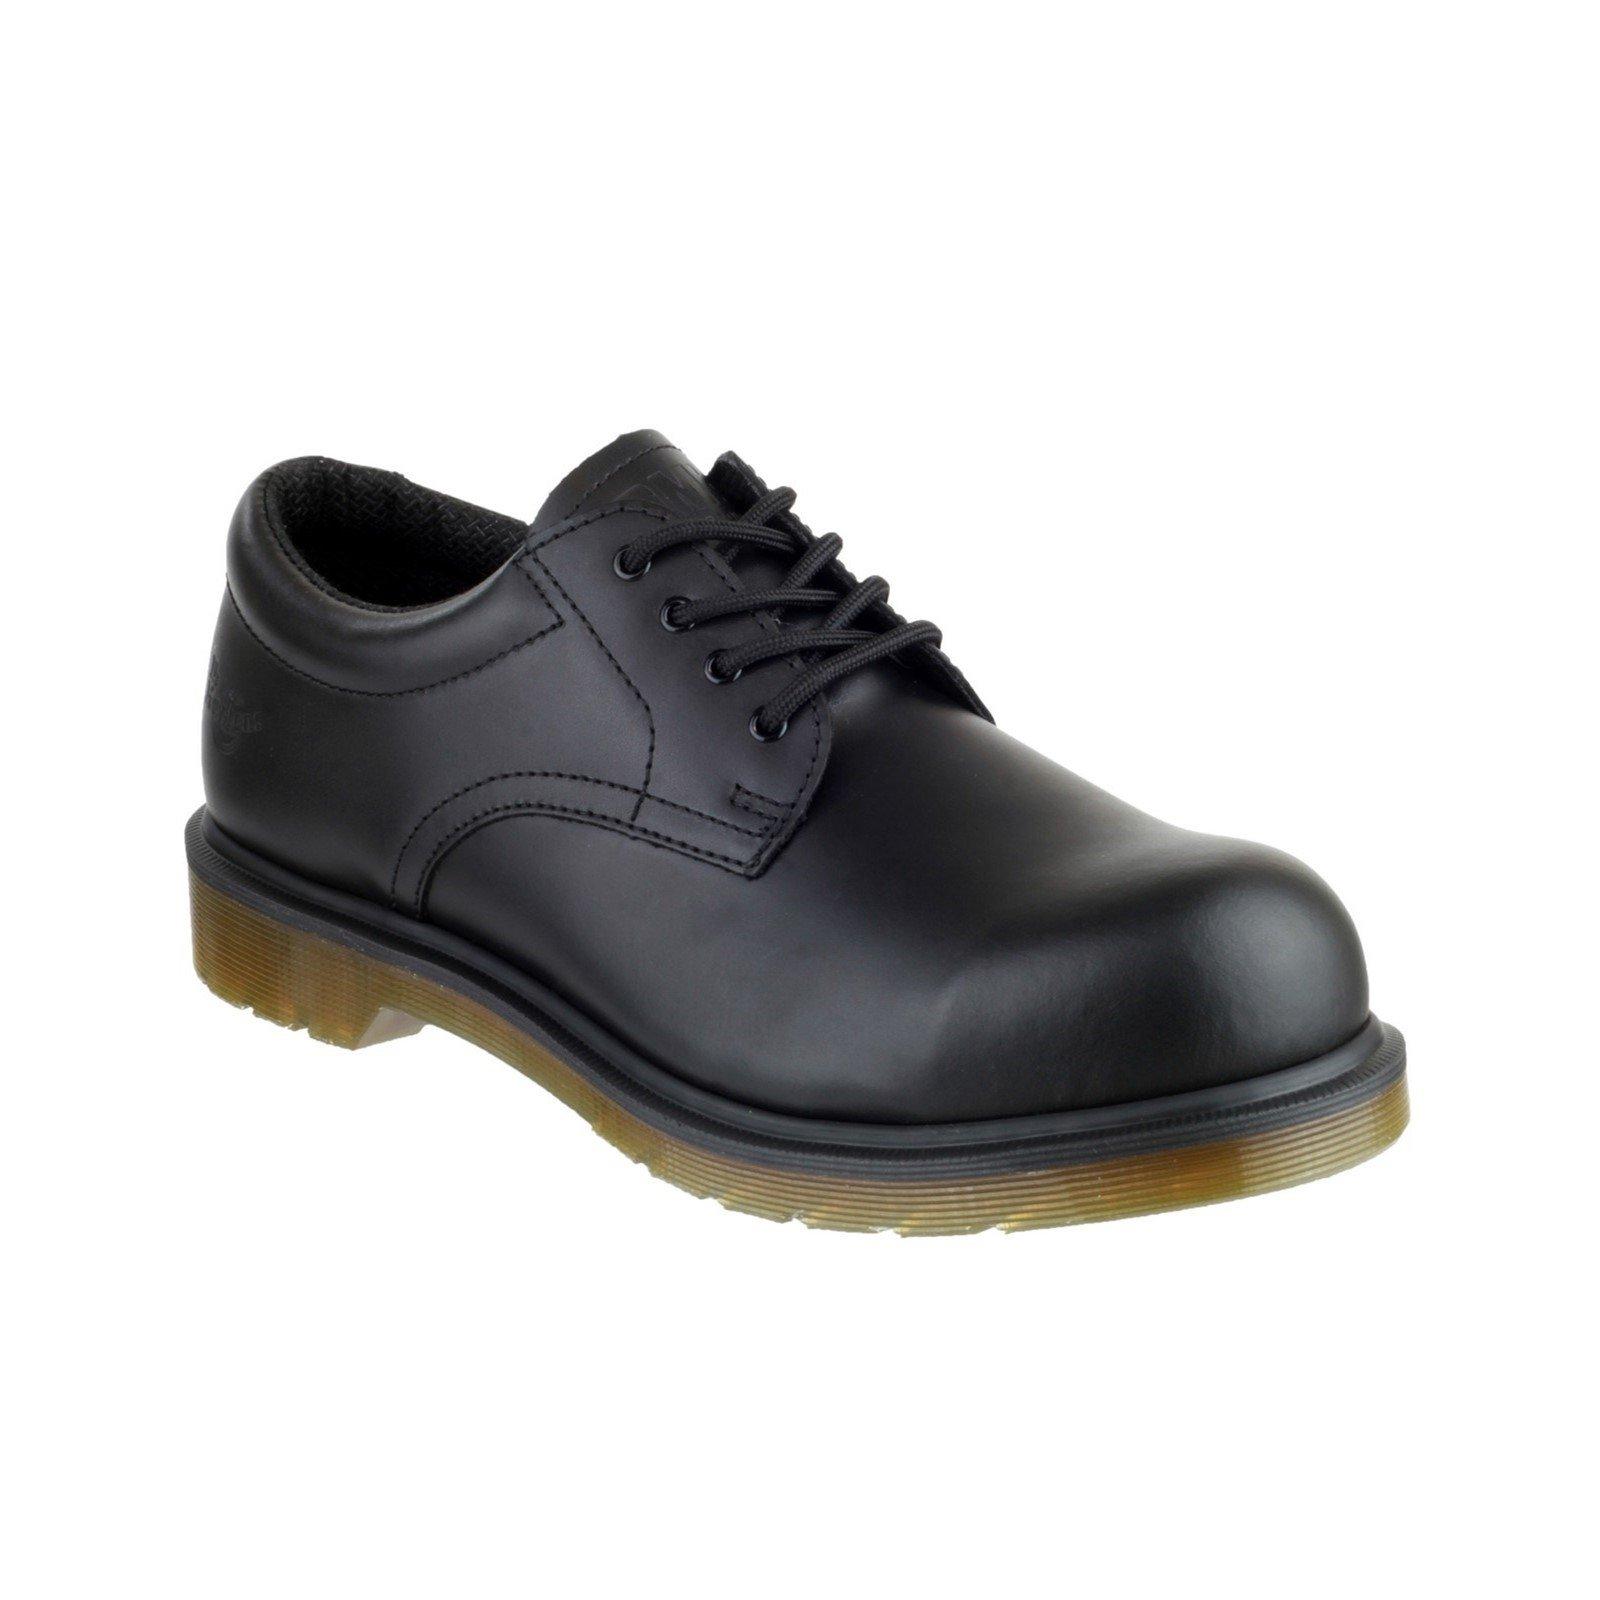 Dr Martens Unisex Icon Lace up Derby Shoe Black 00588 - Black 9